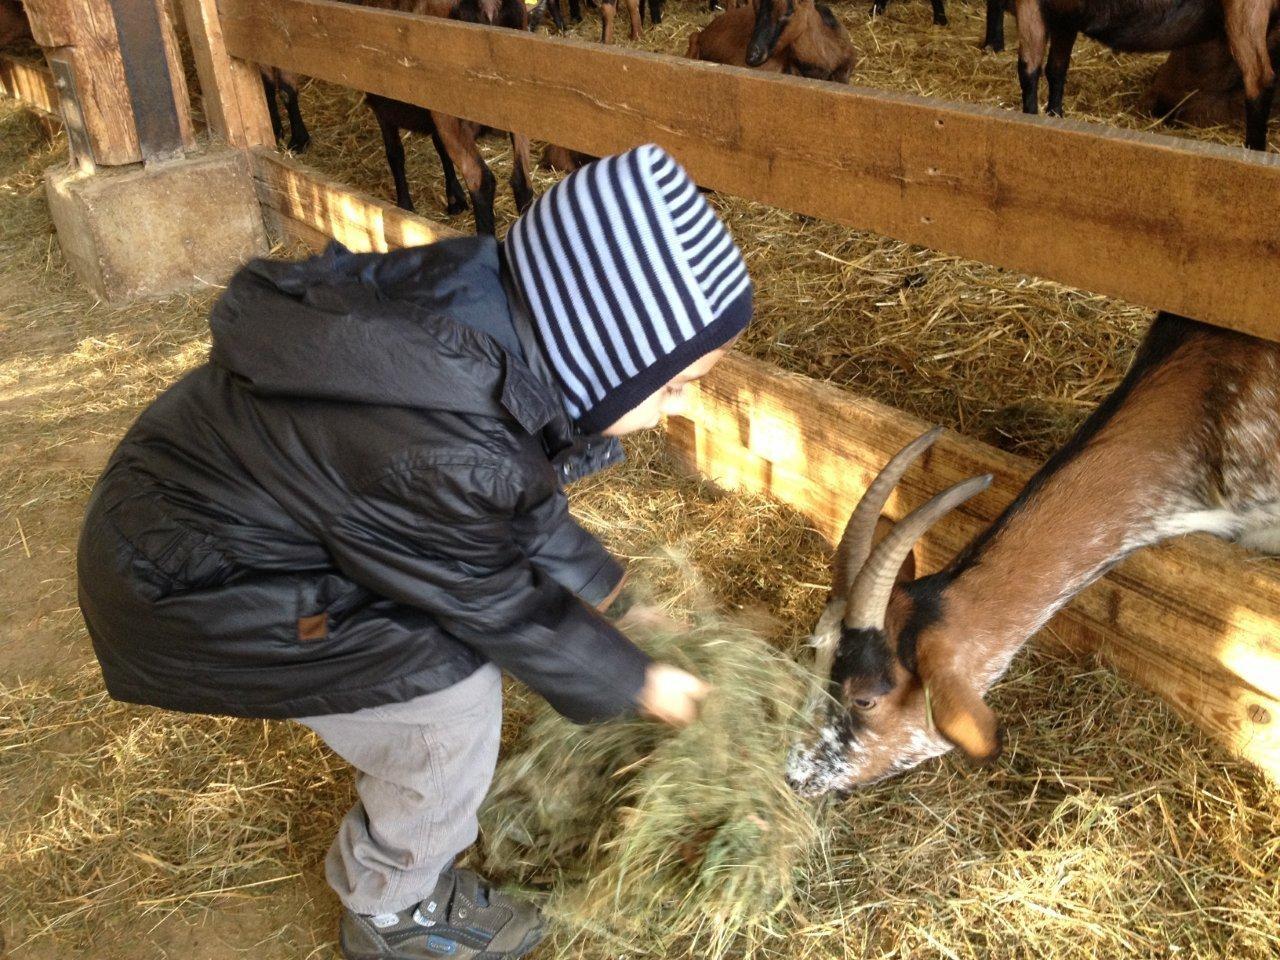 Les enfants donnent du foin aux chèvres